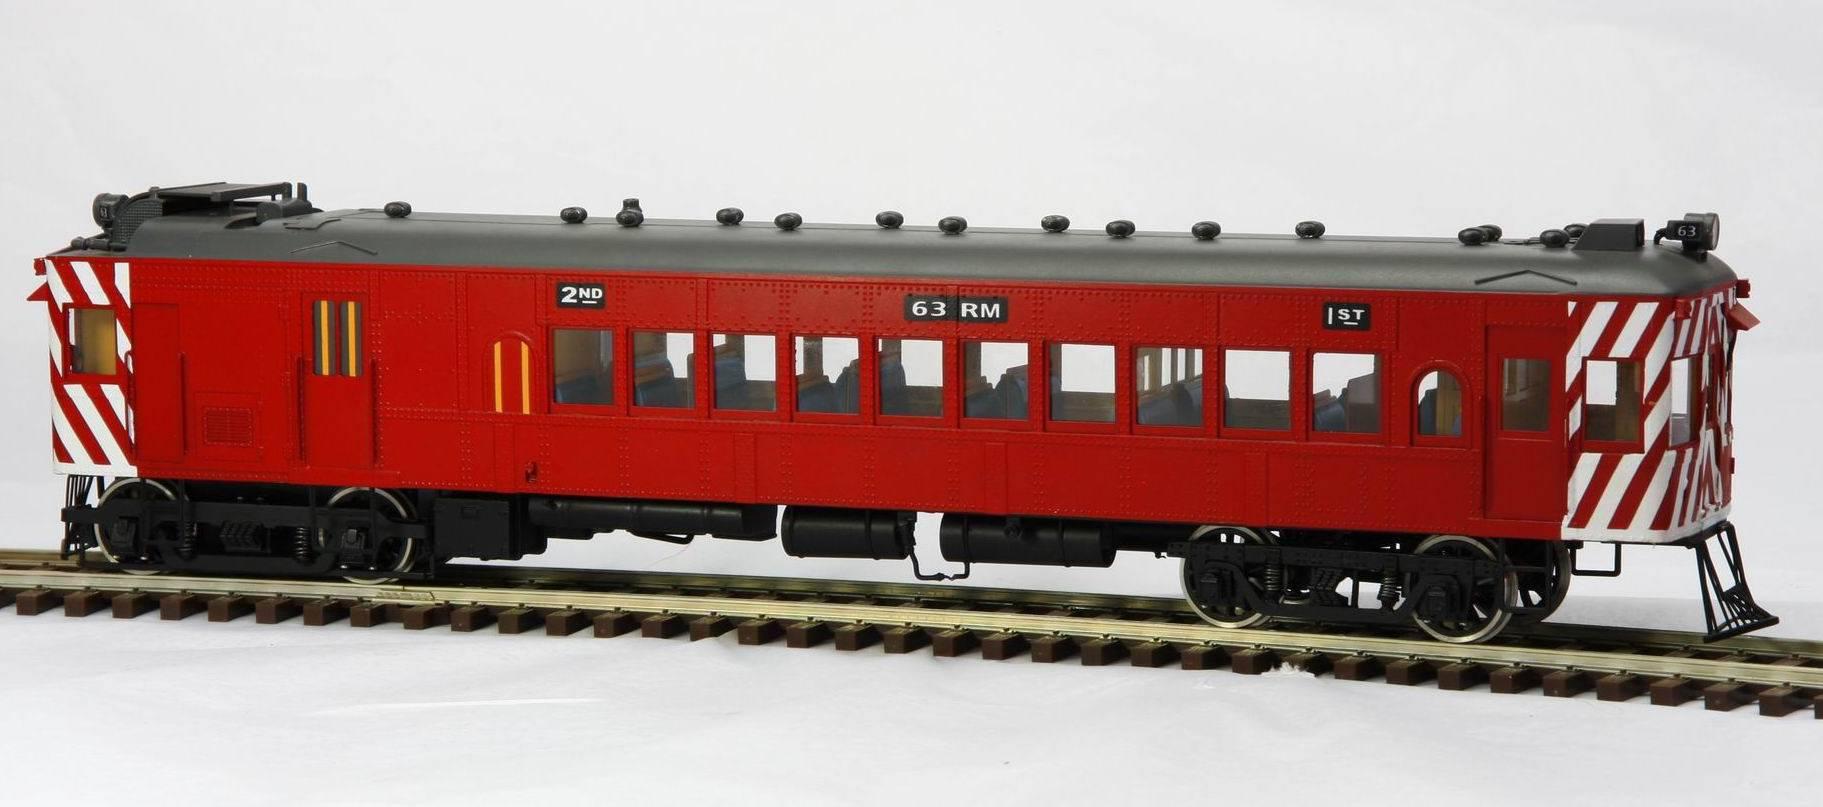 O scale brass train toy